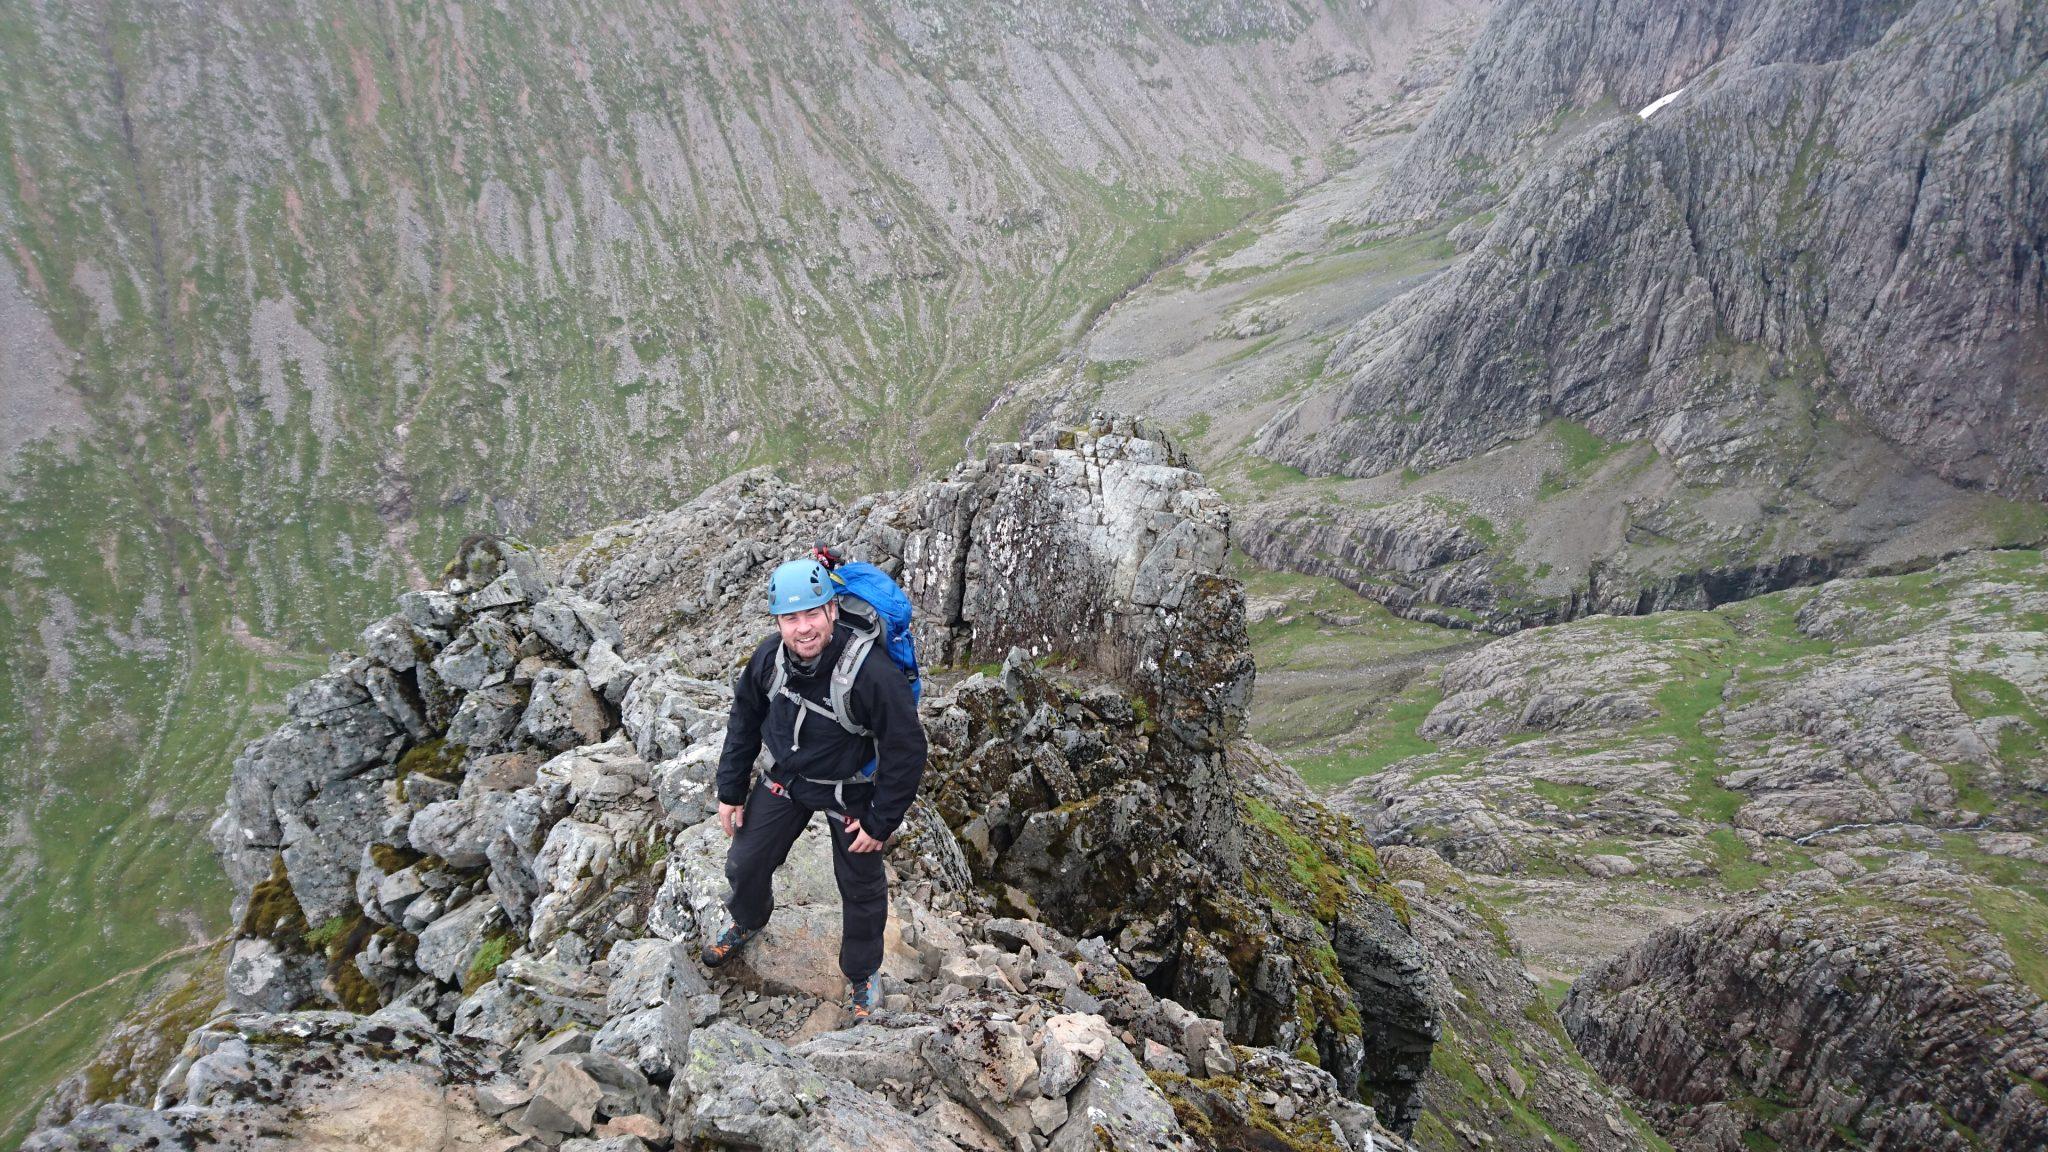 Climb Ben Nevis